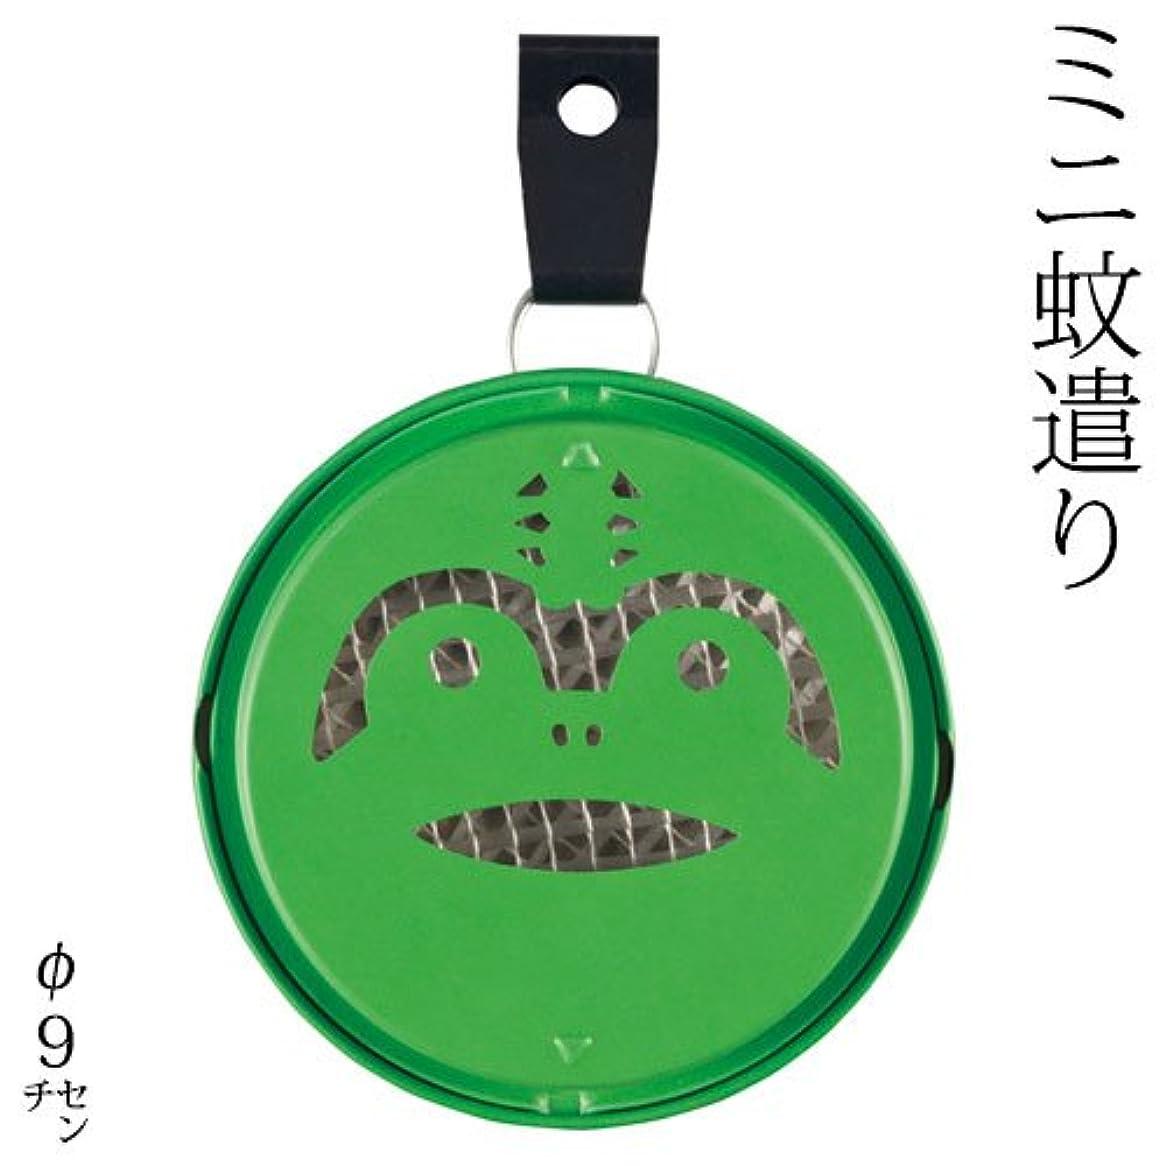 代替アジテーションDECOLEポータブルミニ蚊遣りカエル (SK-13932)吊り下げ?床置き対応Portable mini Kayari